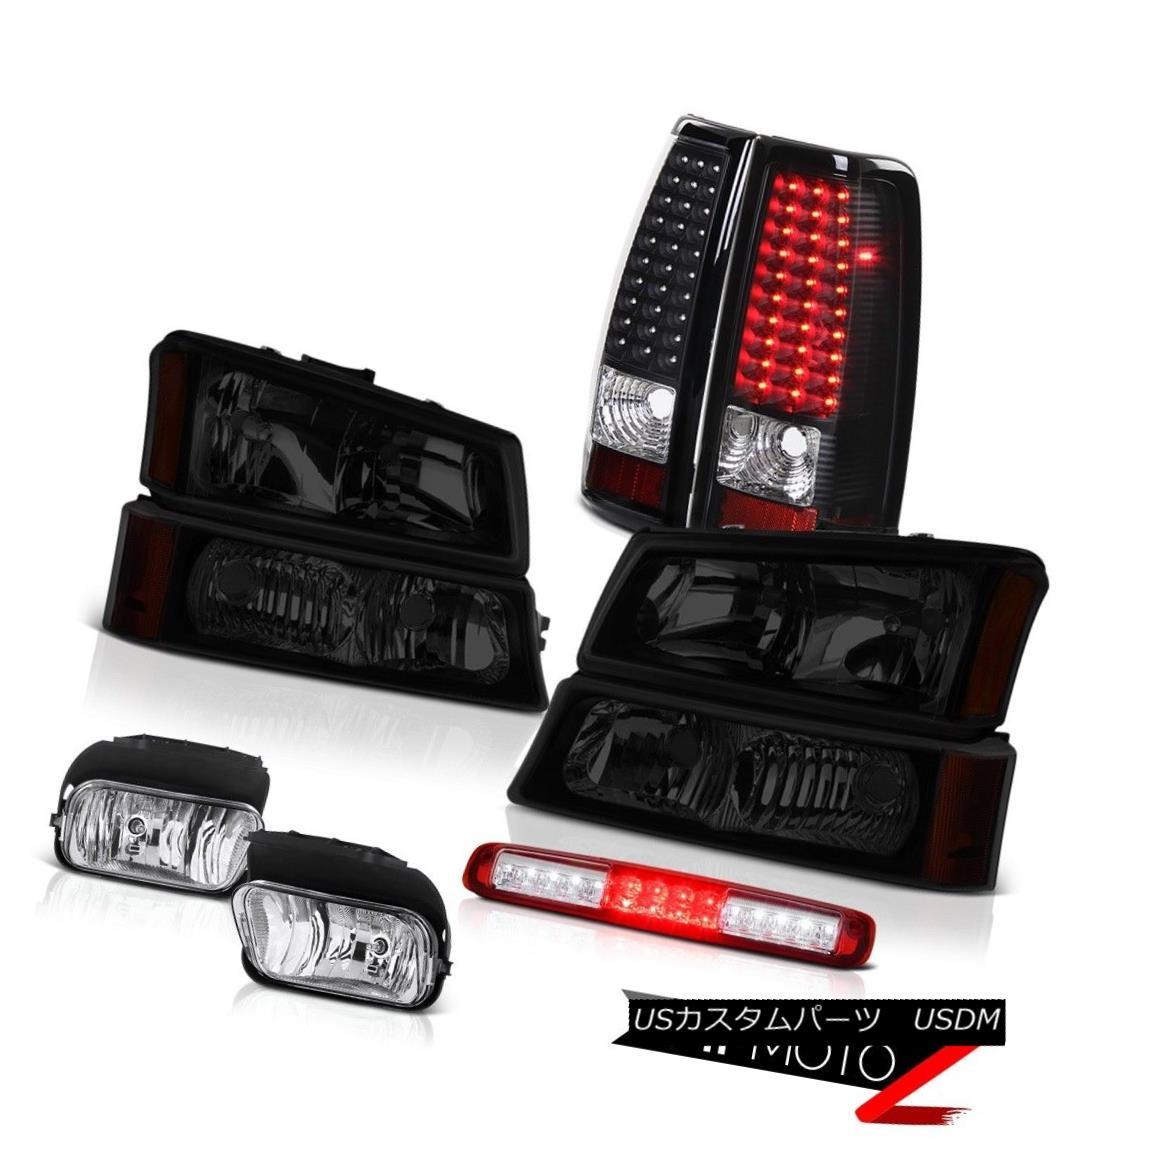 ヘッドライト 2003-2006 Silverado Red 3RD Brake Lamp Euro Chrome Fog Lamps Taillamps Headlamps 2003-2006シルバラードレッド3RDブレーキランプユーロクロームフォグランプタイルランプヘッドランプ